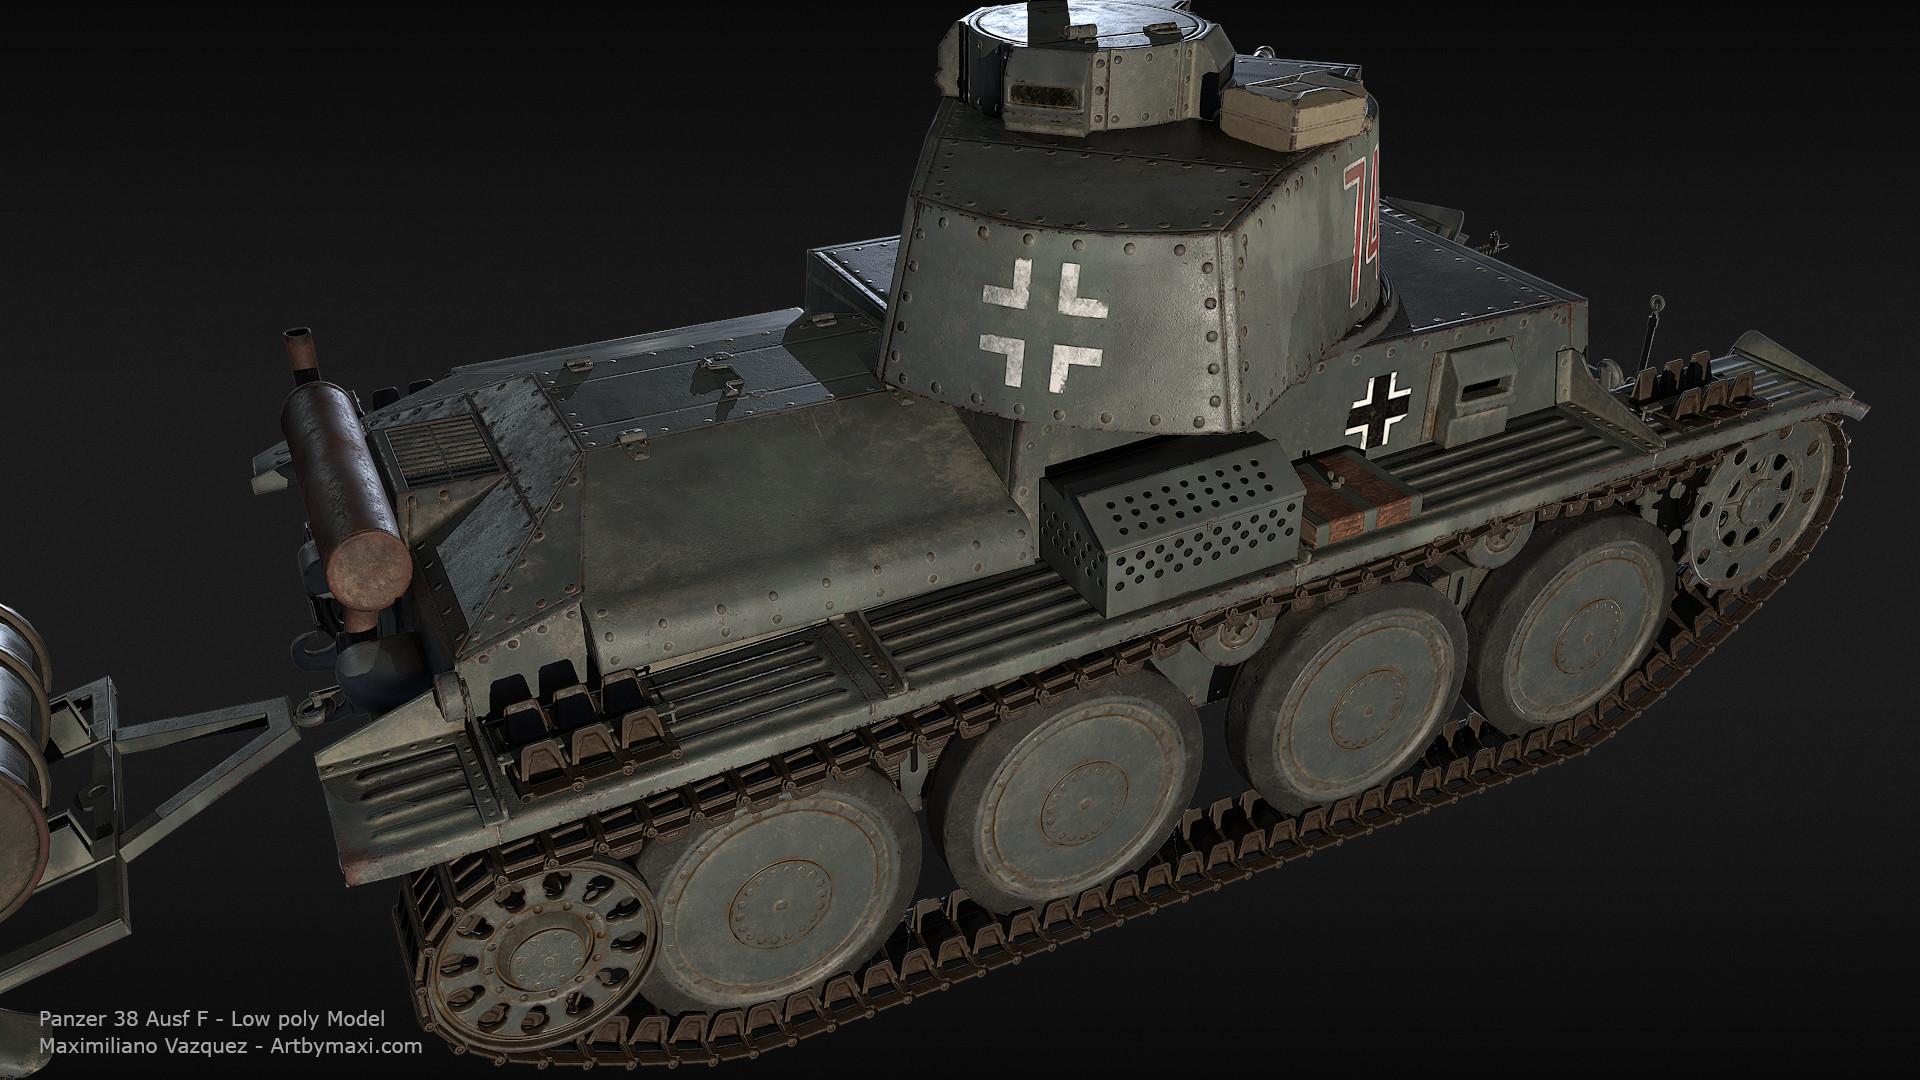 Maximiliano vazquez panzer38 lp6